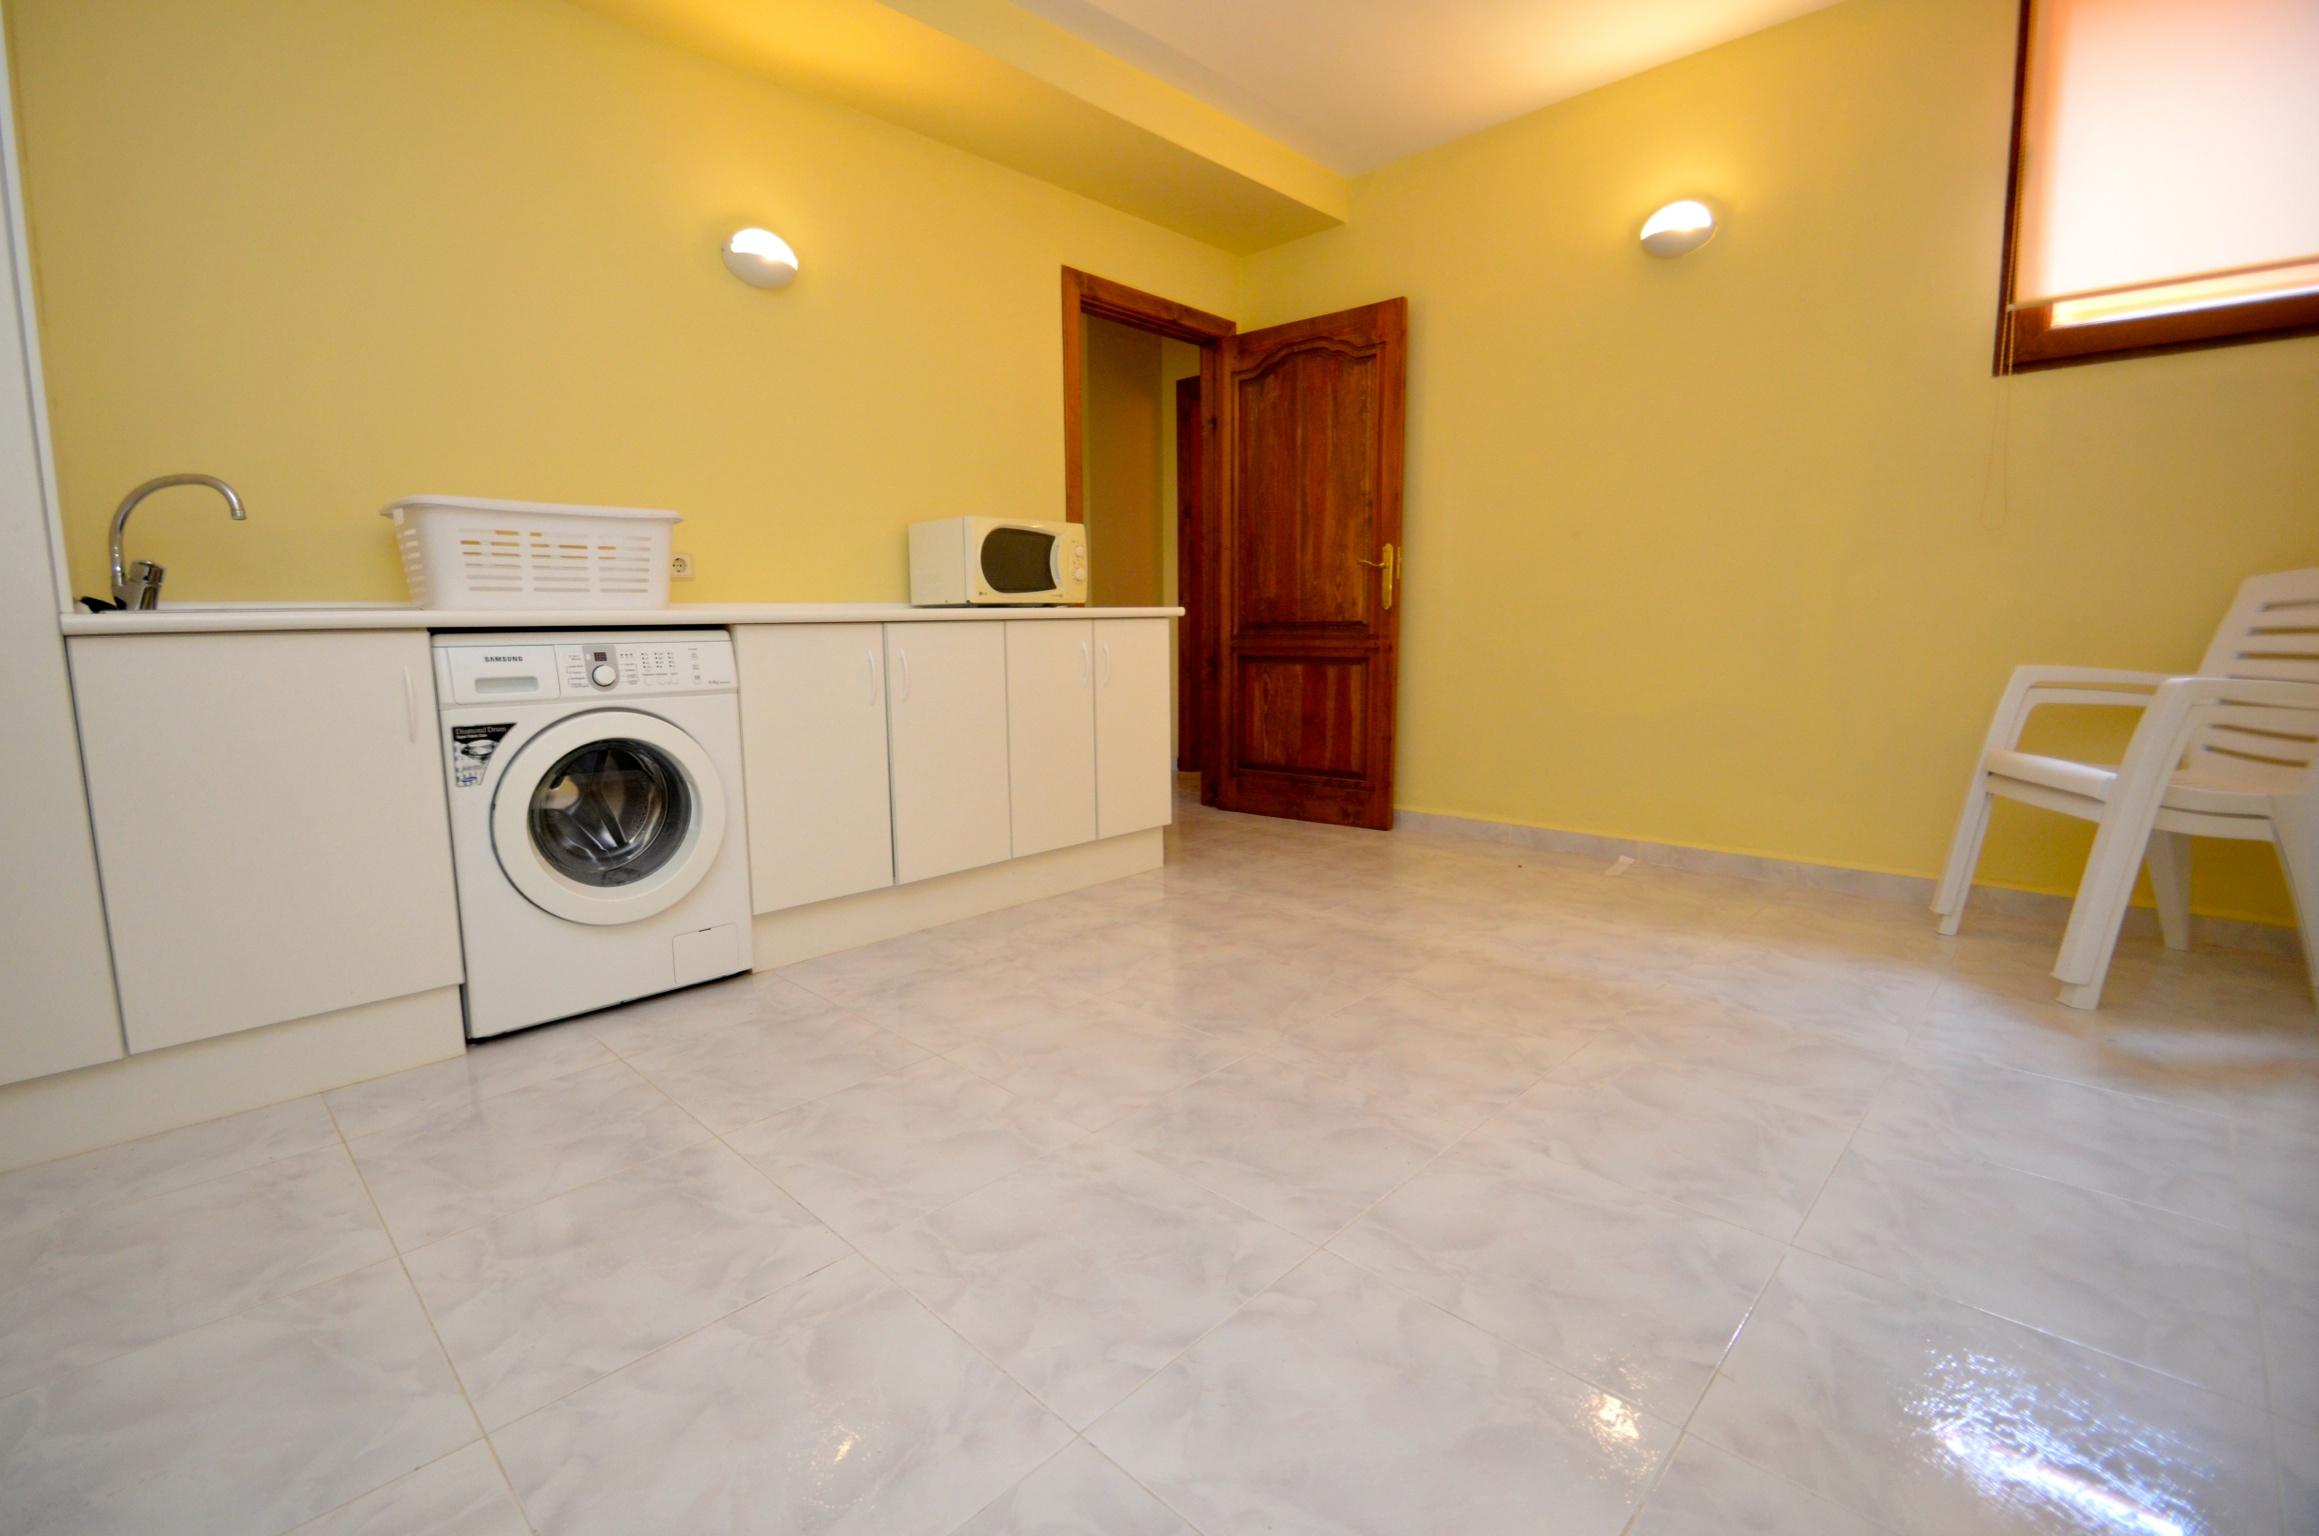 Casa Catalina Laundry